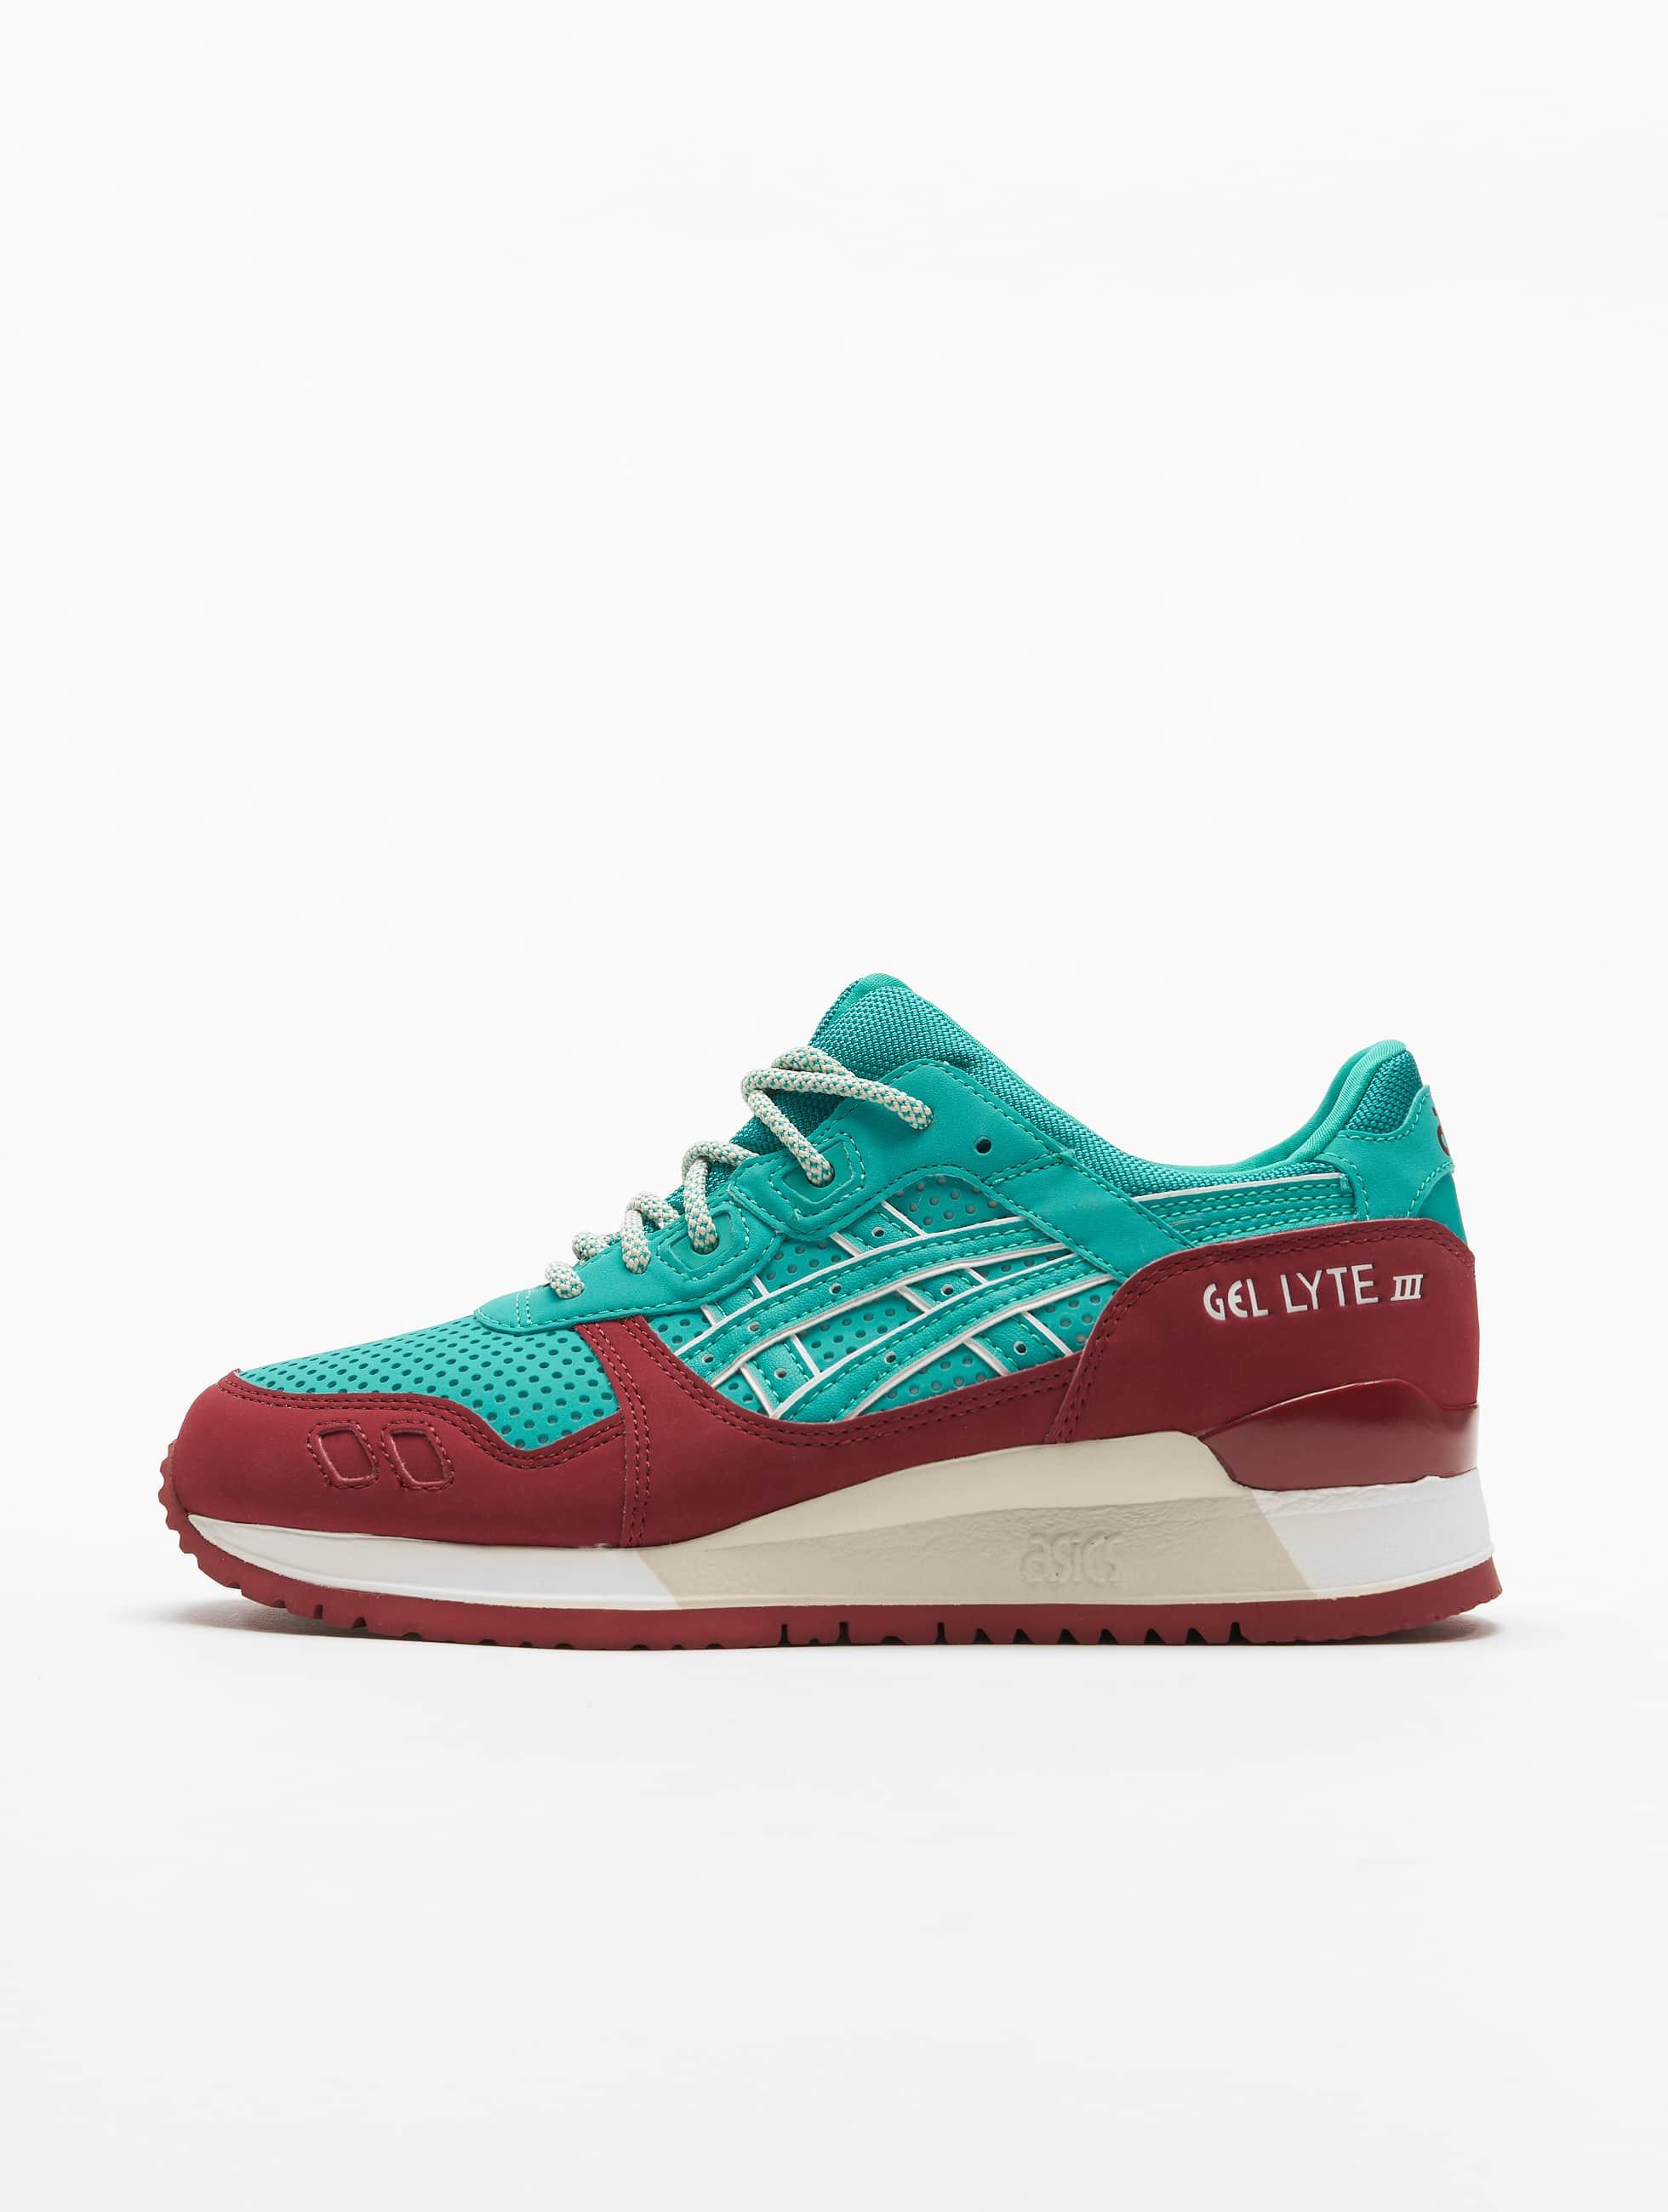 Asics Gel Lyte III Block Pack Sneaker Spectra Green